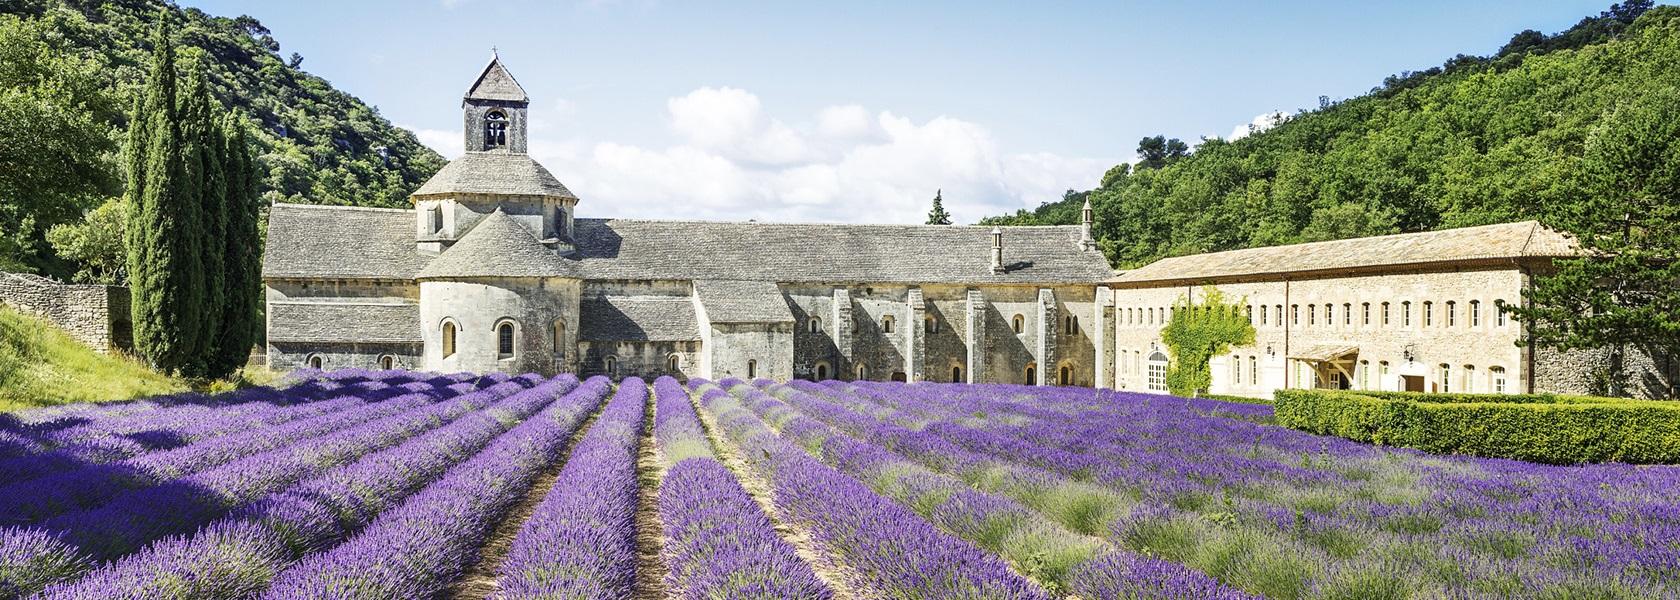 L'Artisanat Monastique : boutiques des monastères de France